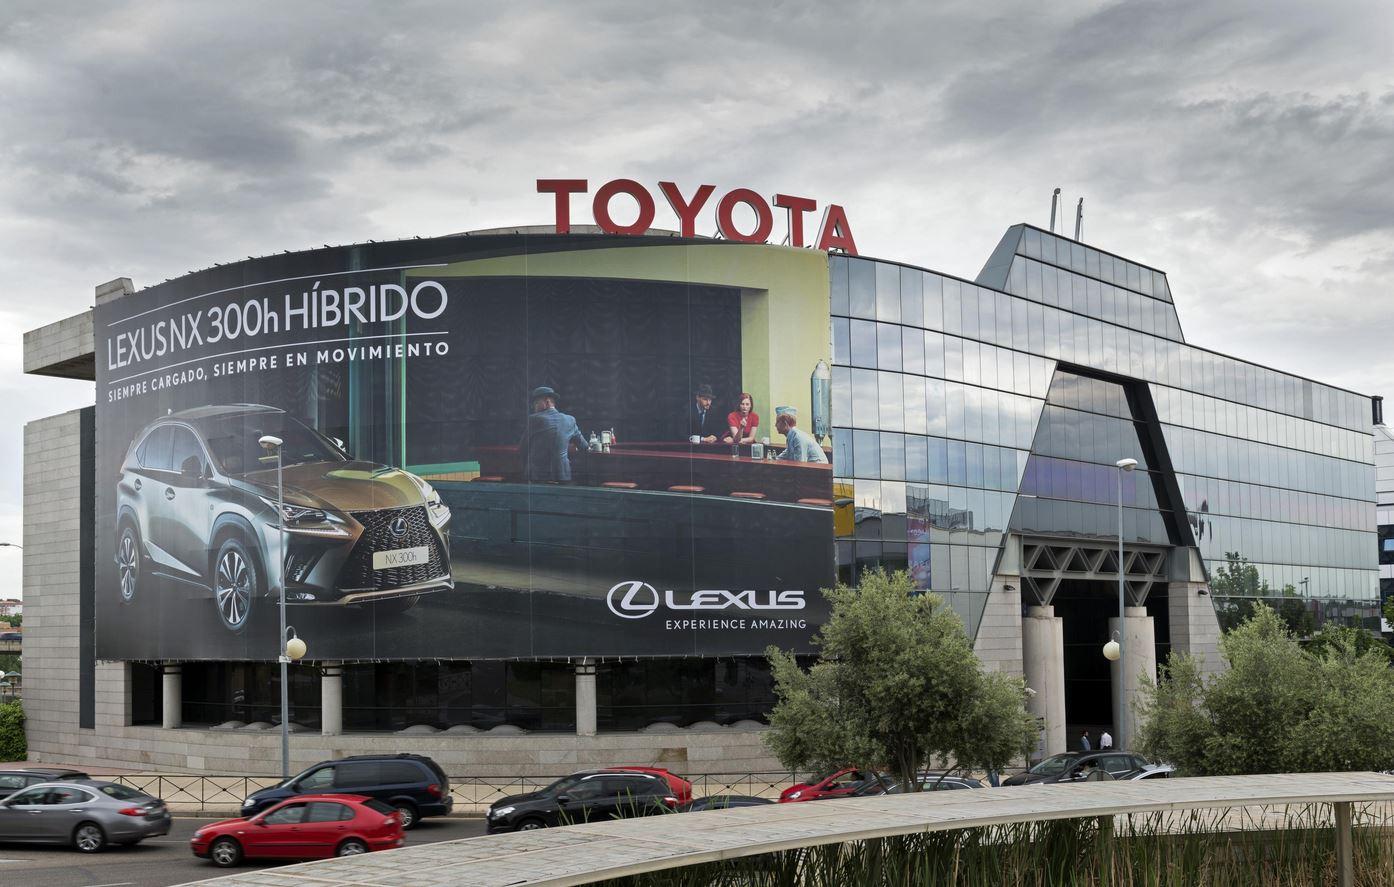 Toyota una de las empresas mas admiradas de EEUU